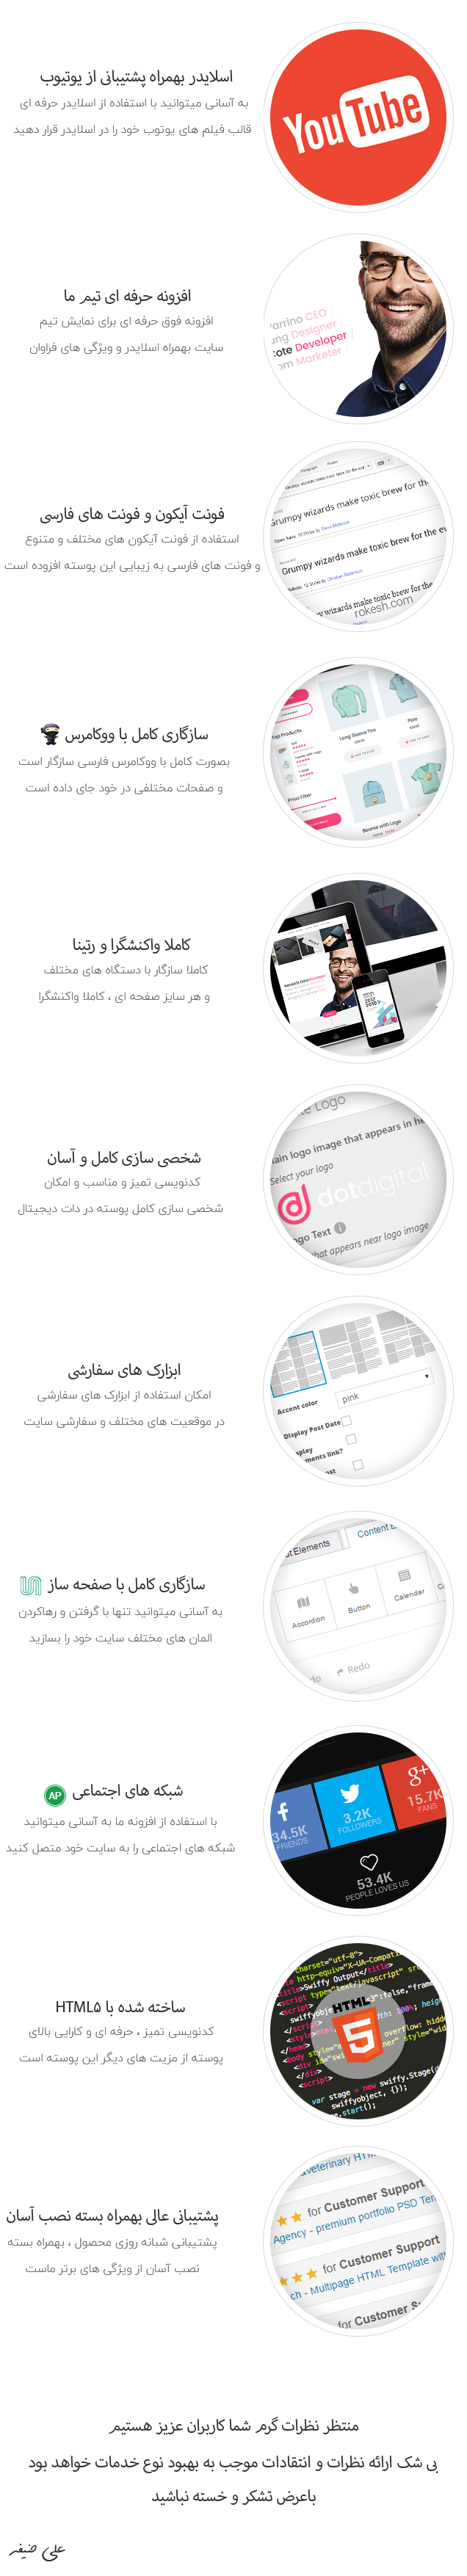 7812 d29e0eb8079b0cabbf78eb781 - قالب وردپرس خلاقانه دات دیجیتال | DotDigital